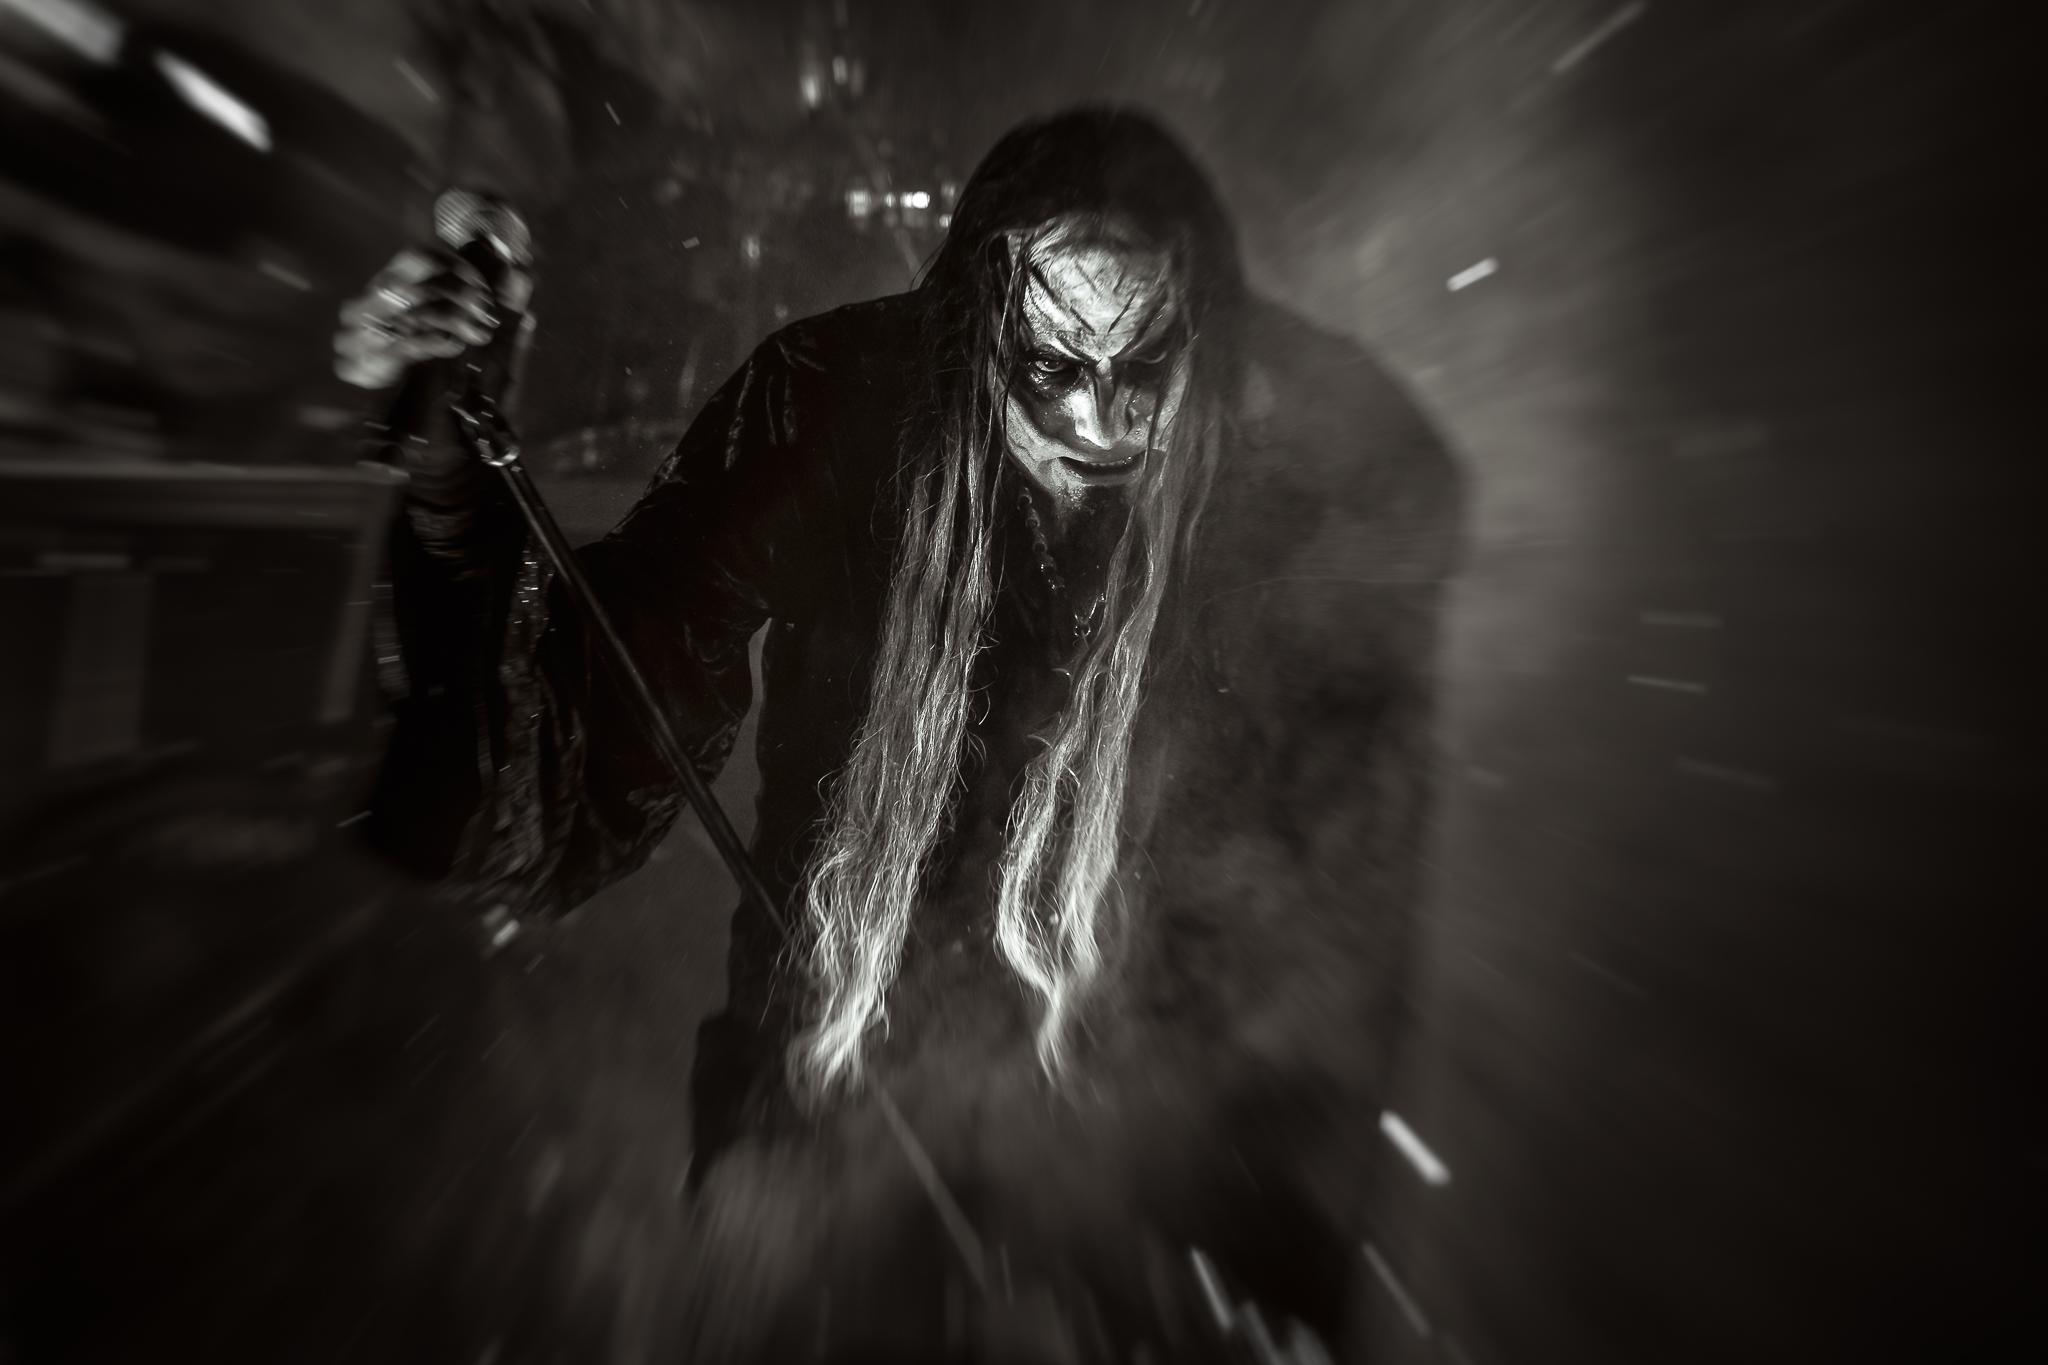 Dimmu Borgir - Melbourne 2018 - Paul Tadday Photography - 12.jpg